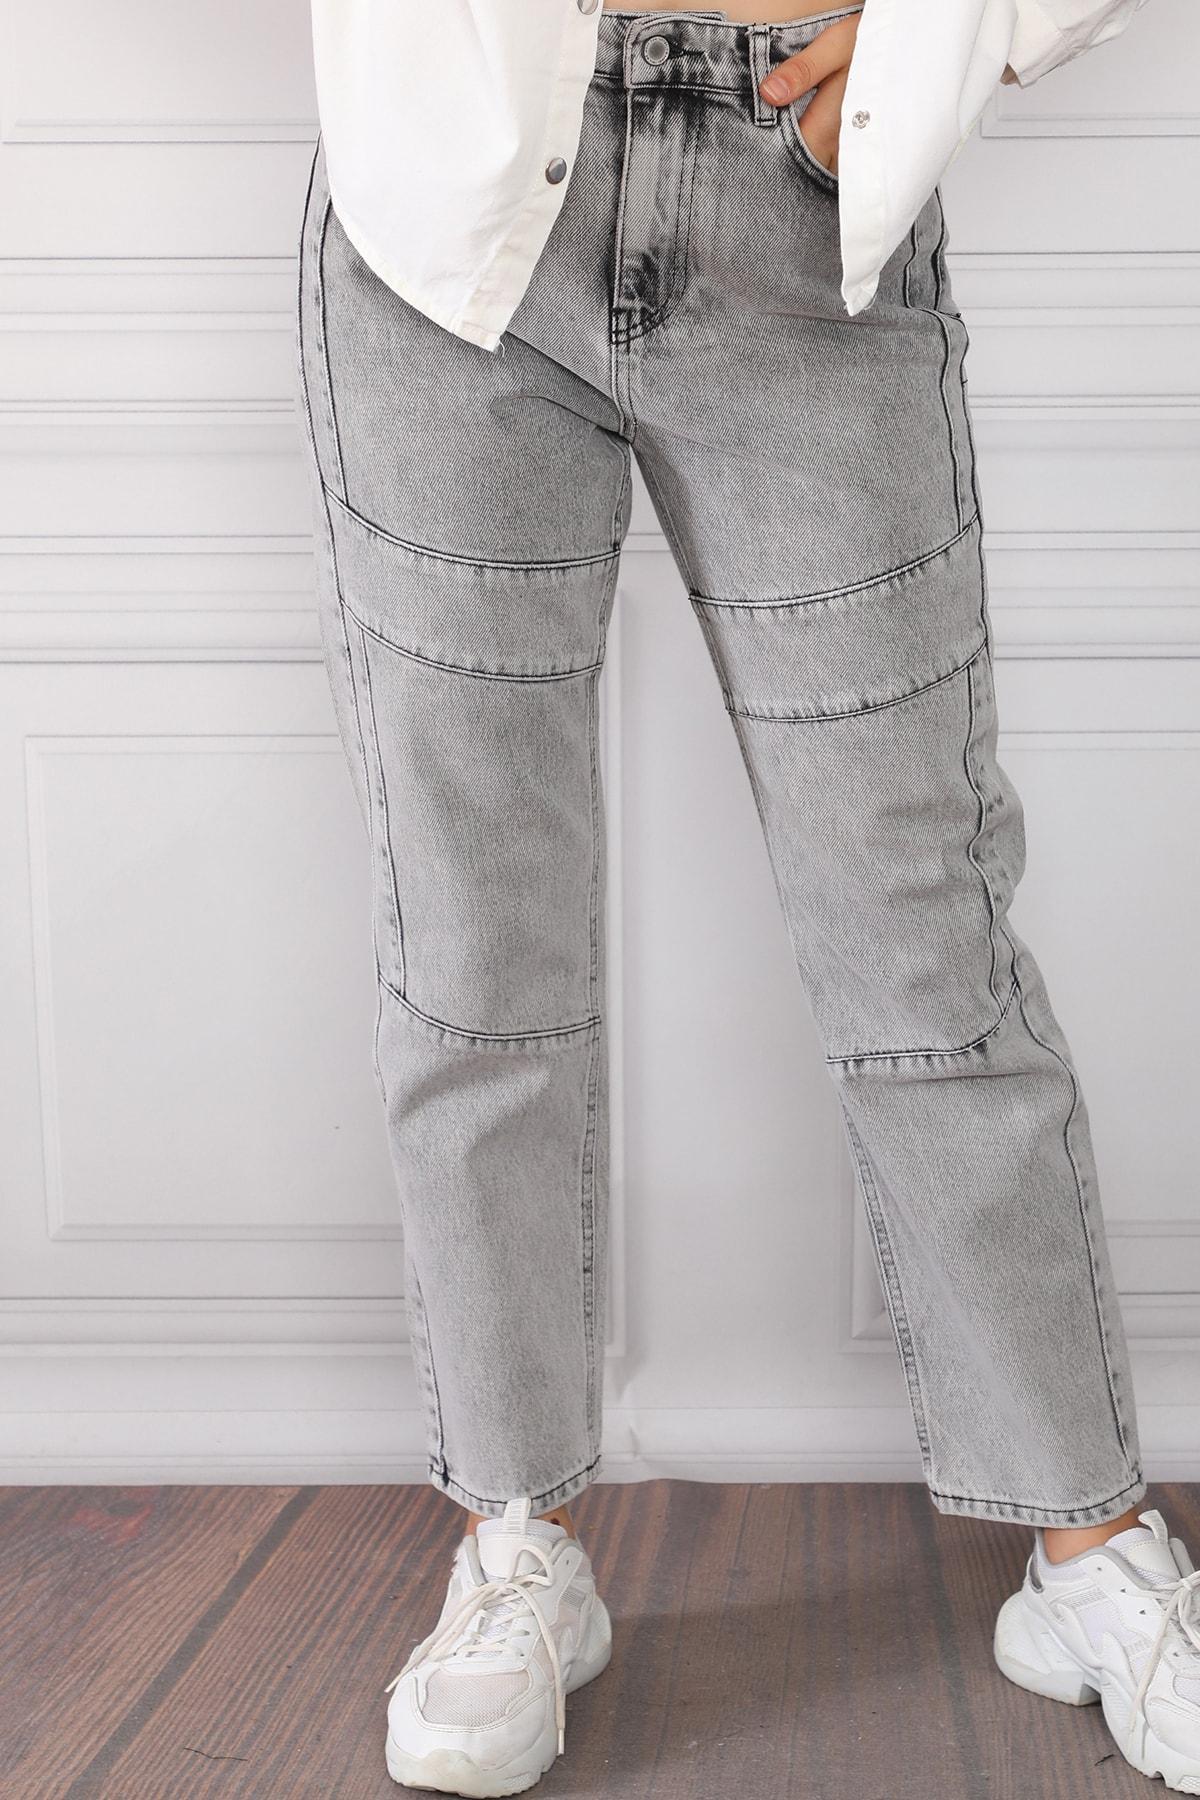 Beyaz Giyim Moda Kadın Gri Çizgi Detaylı Yüksek Bel Mom Jeans Kot Pantolon 1